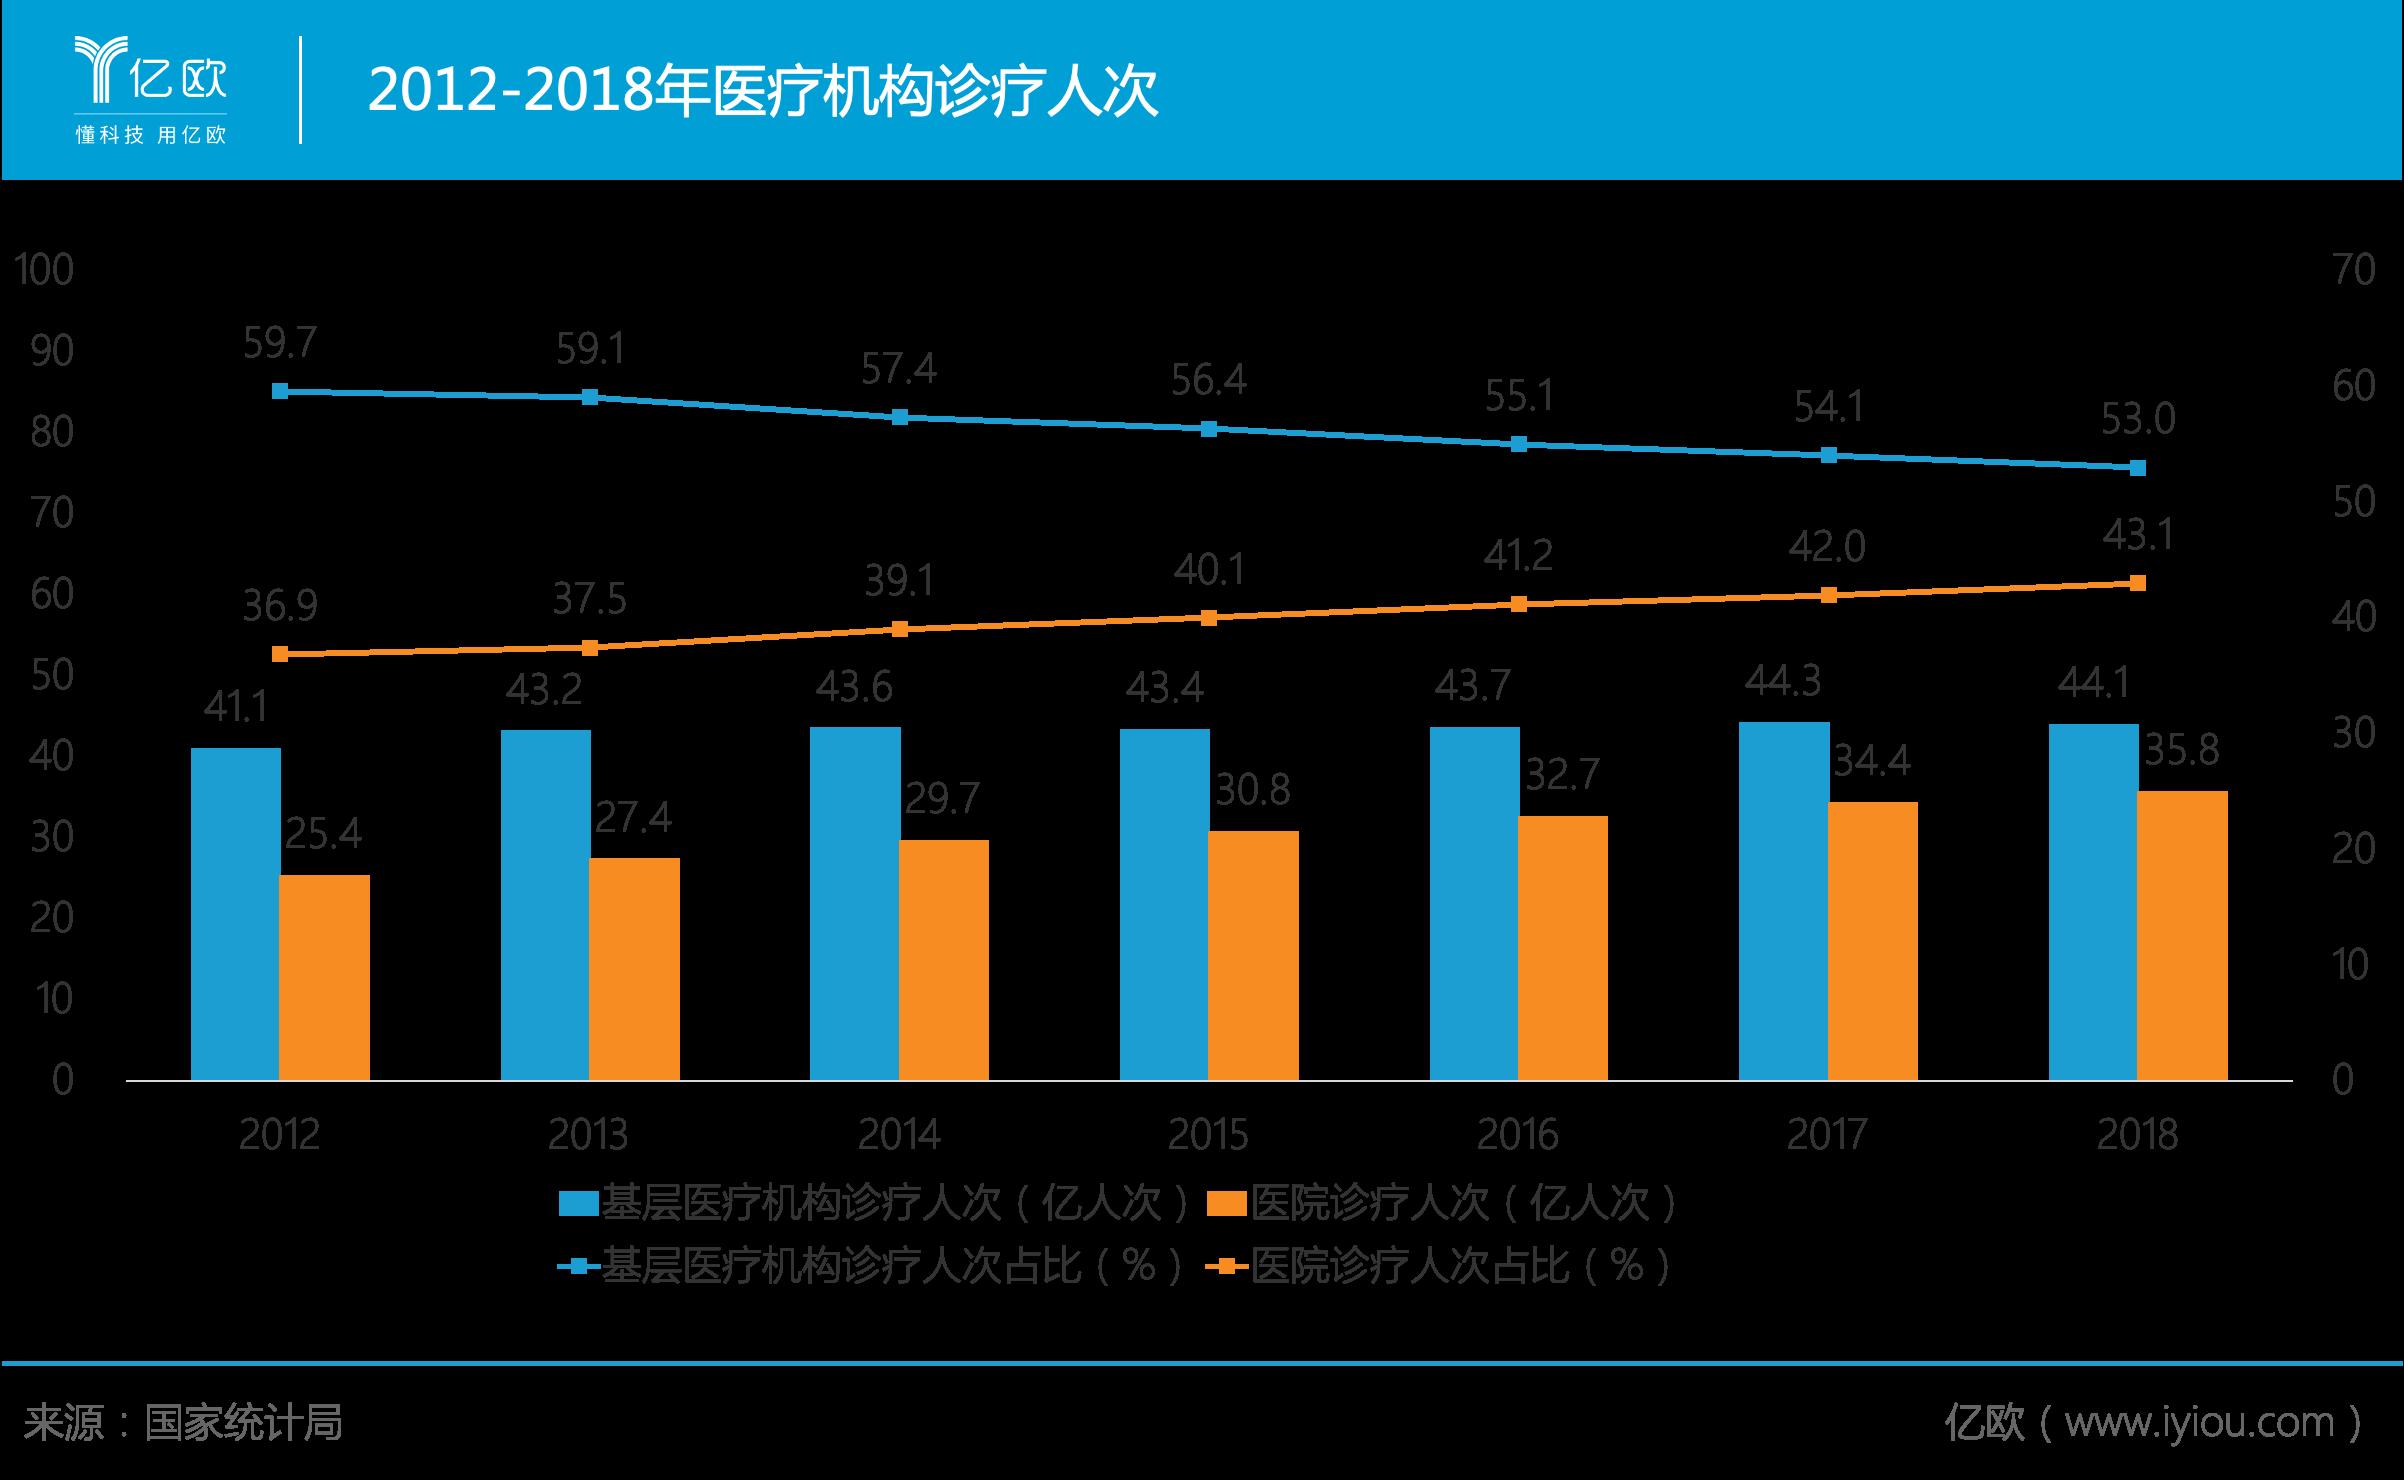 2012-2018年医疗机构诊疗人次